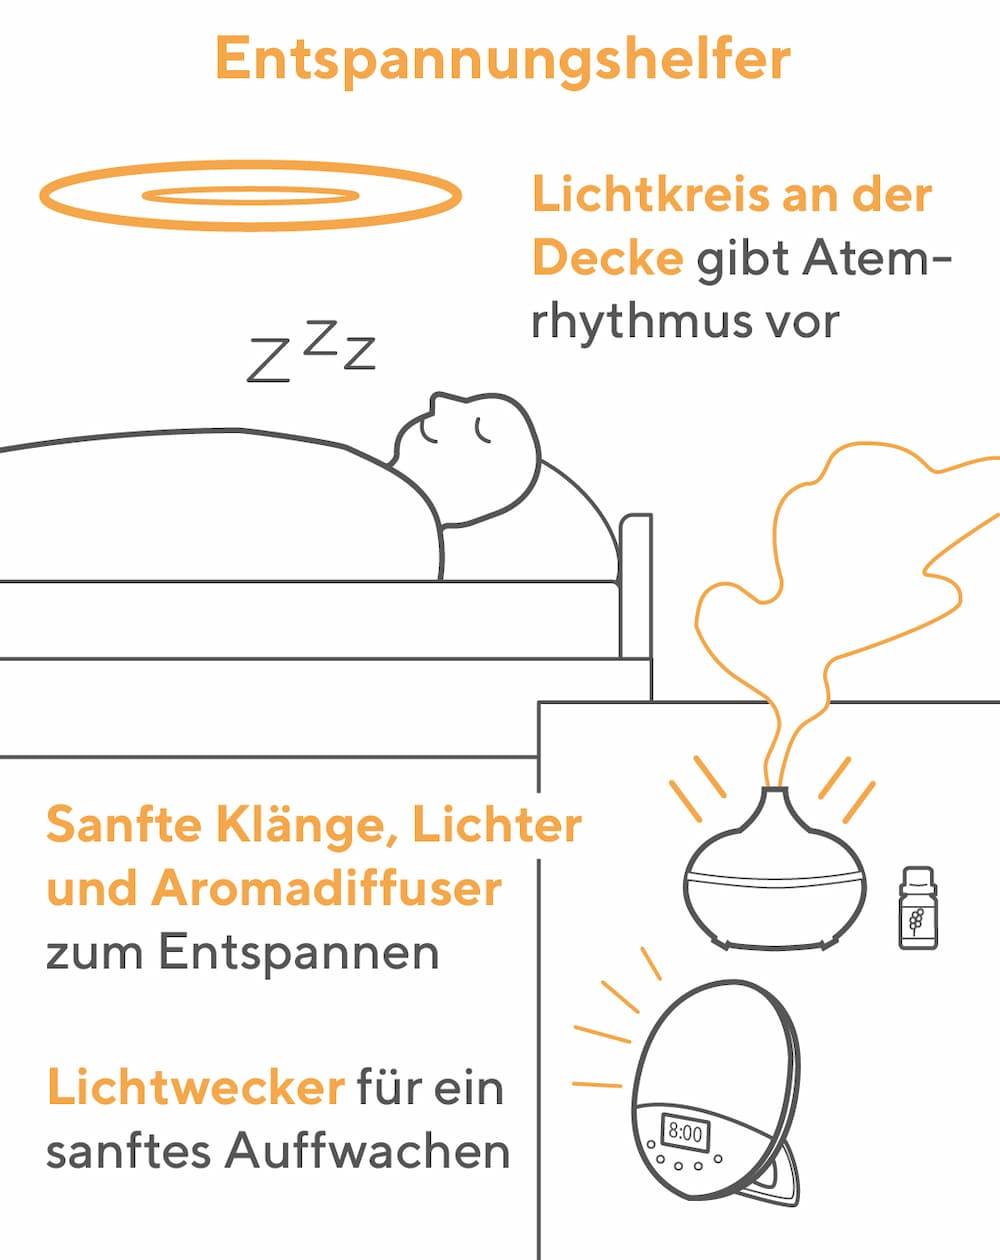 Entspannungshelfer können beim Einschlafen helfen